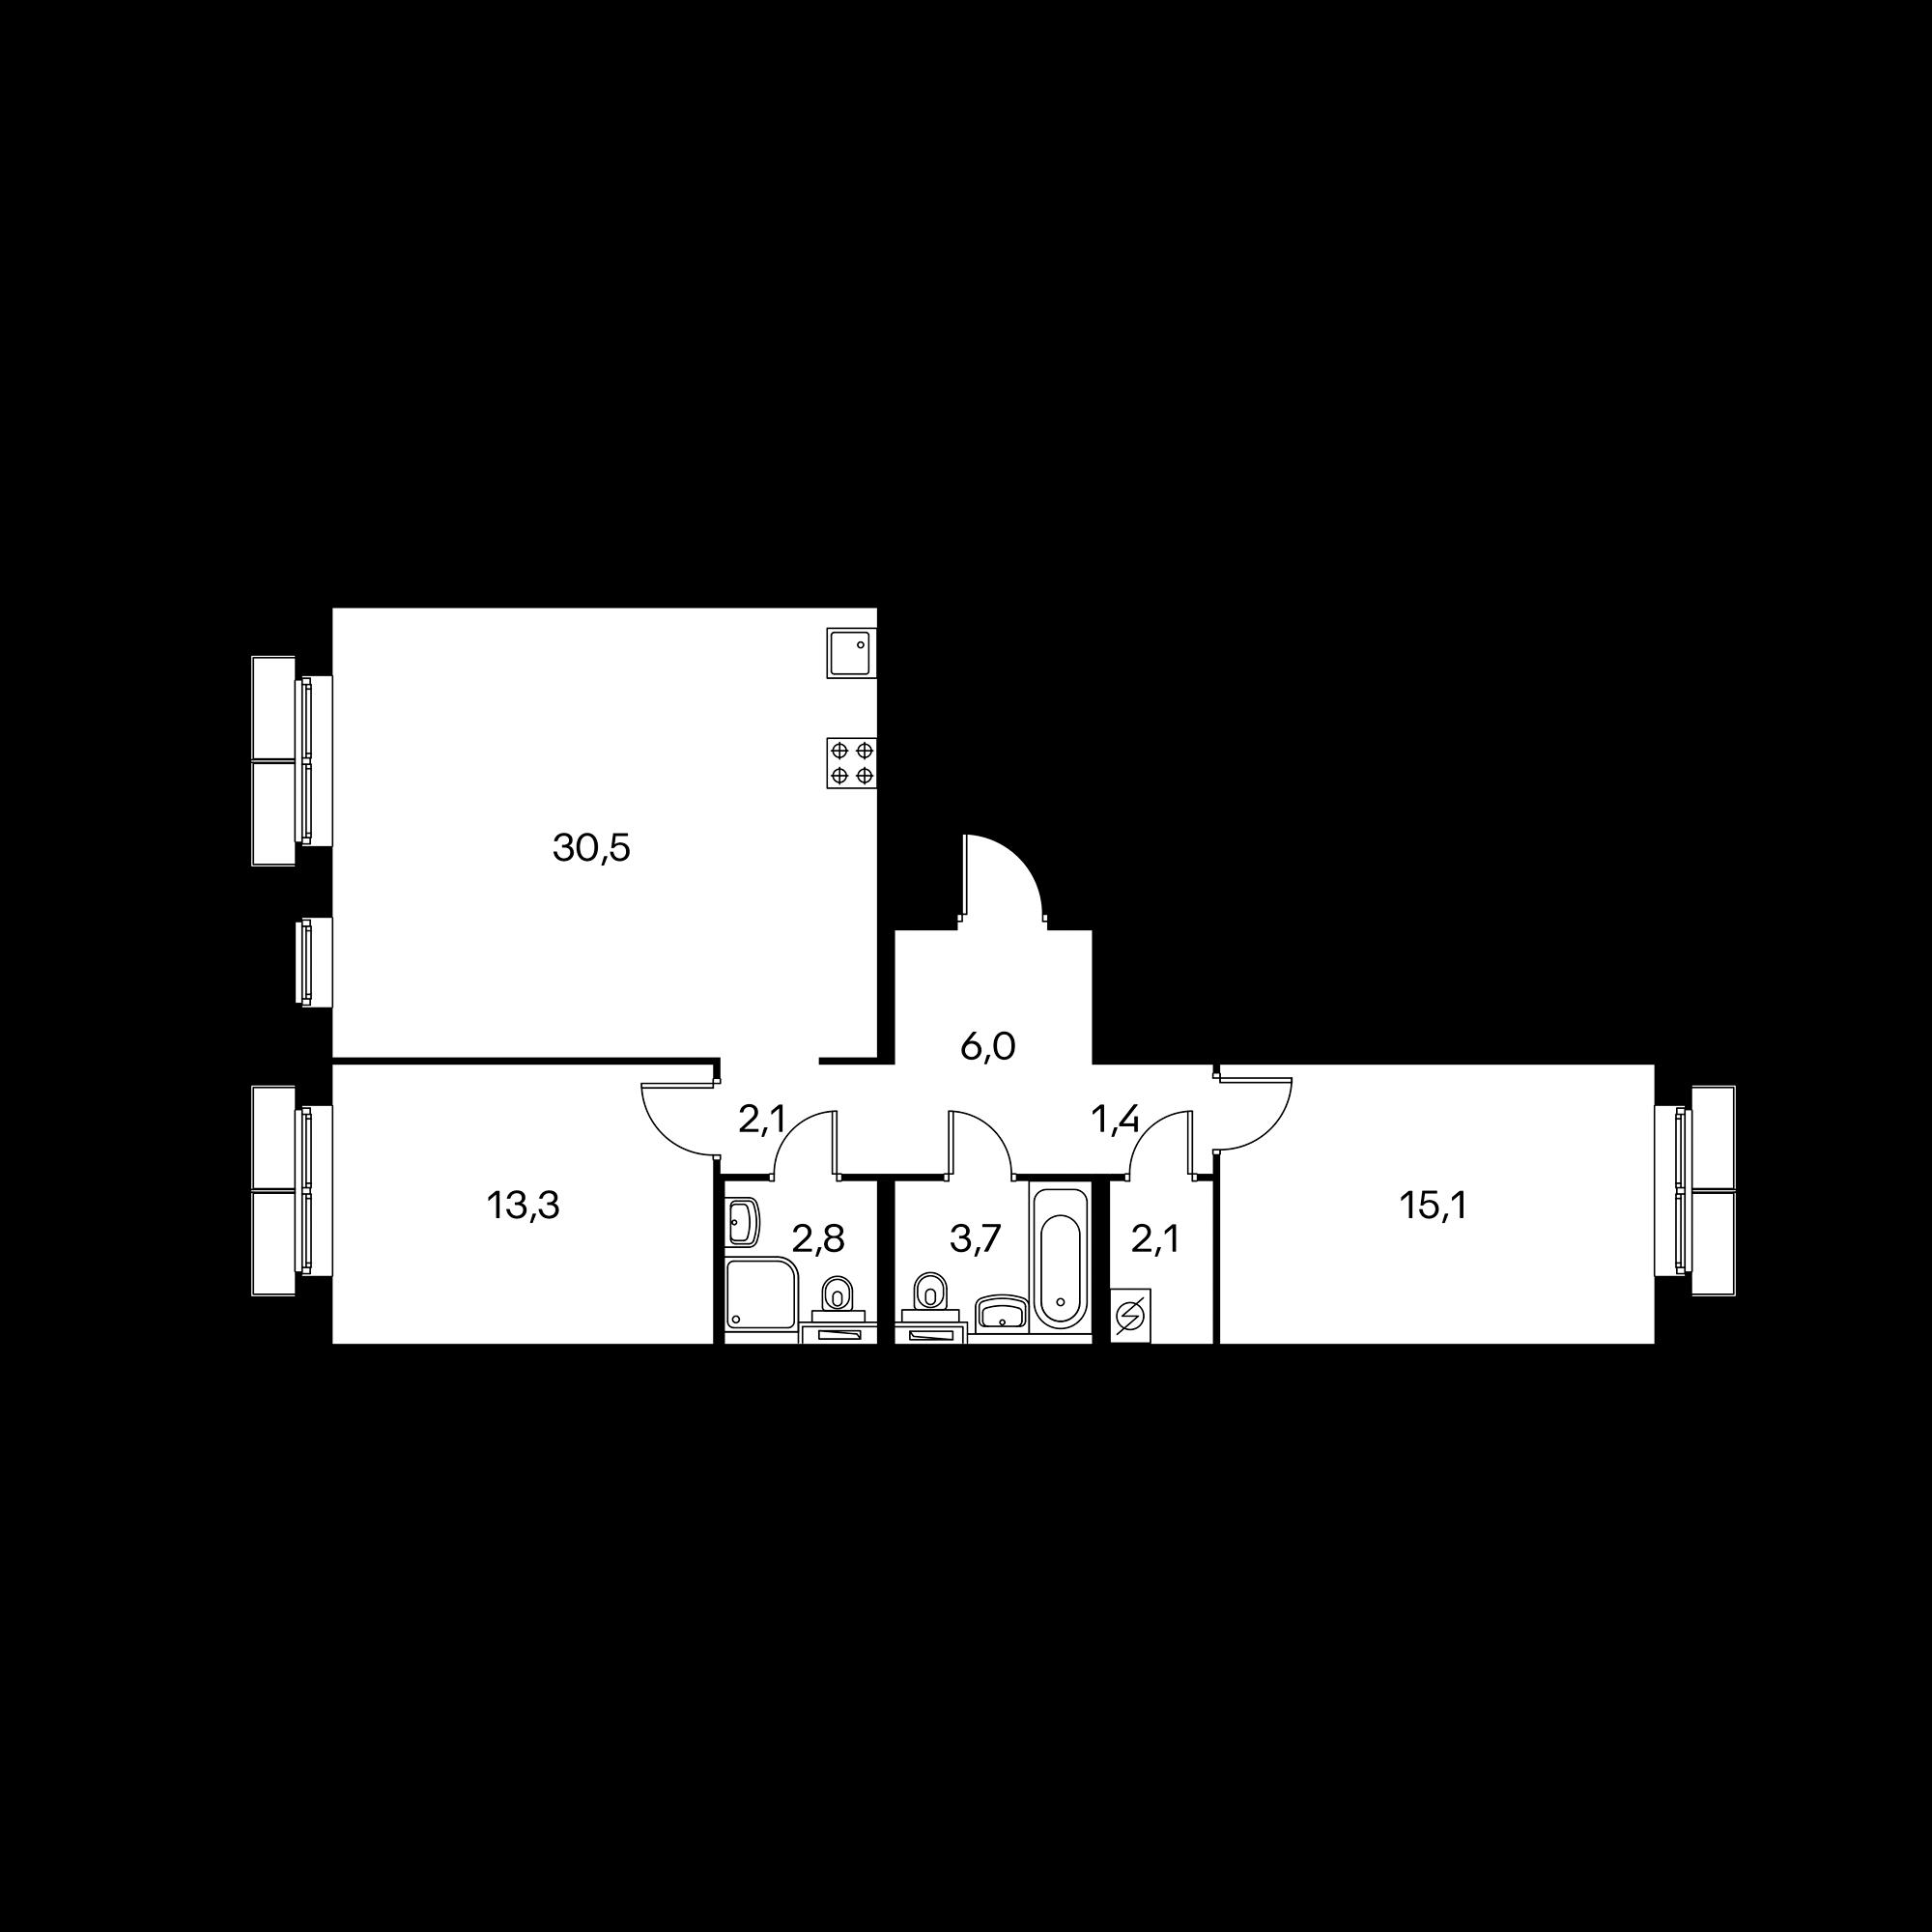 3NM12_8.4-1_S_A